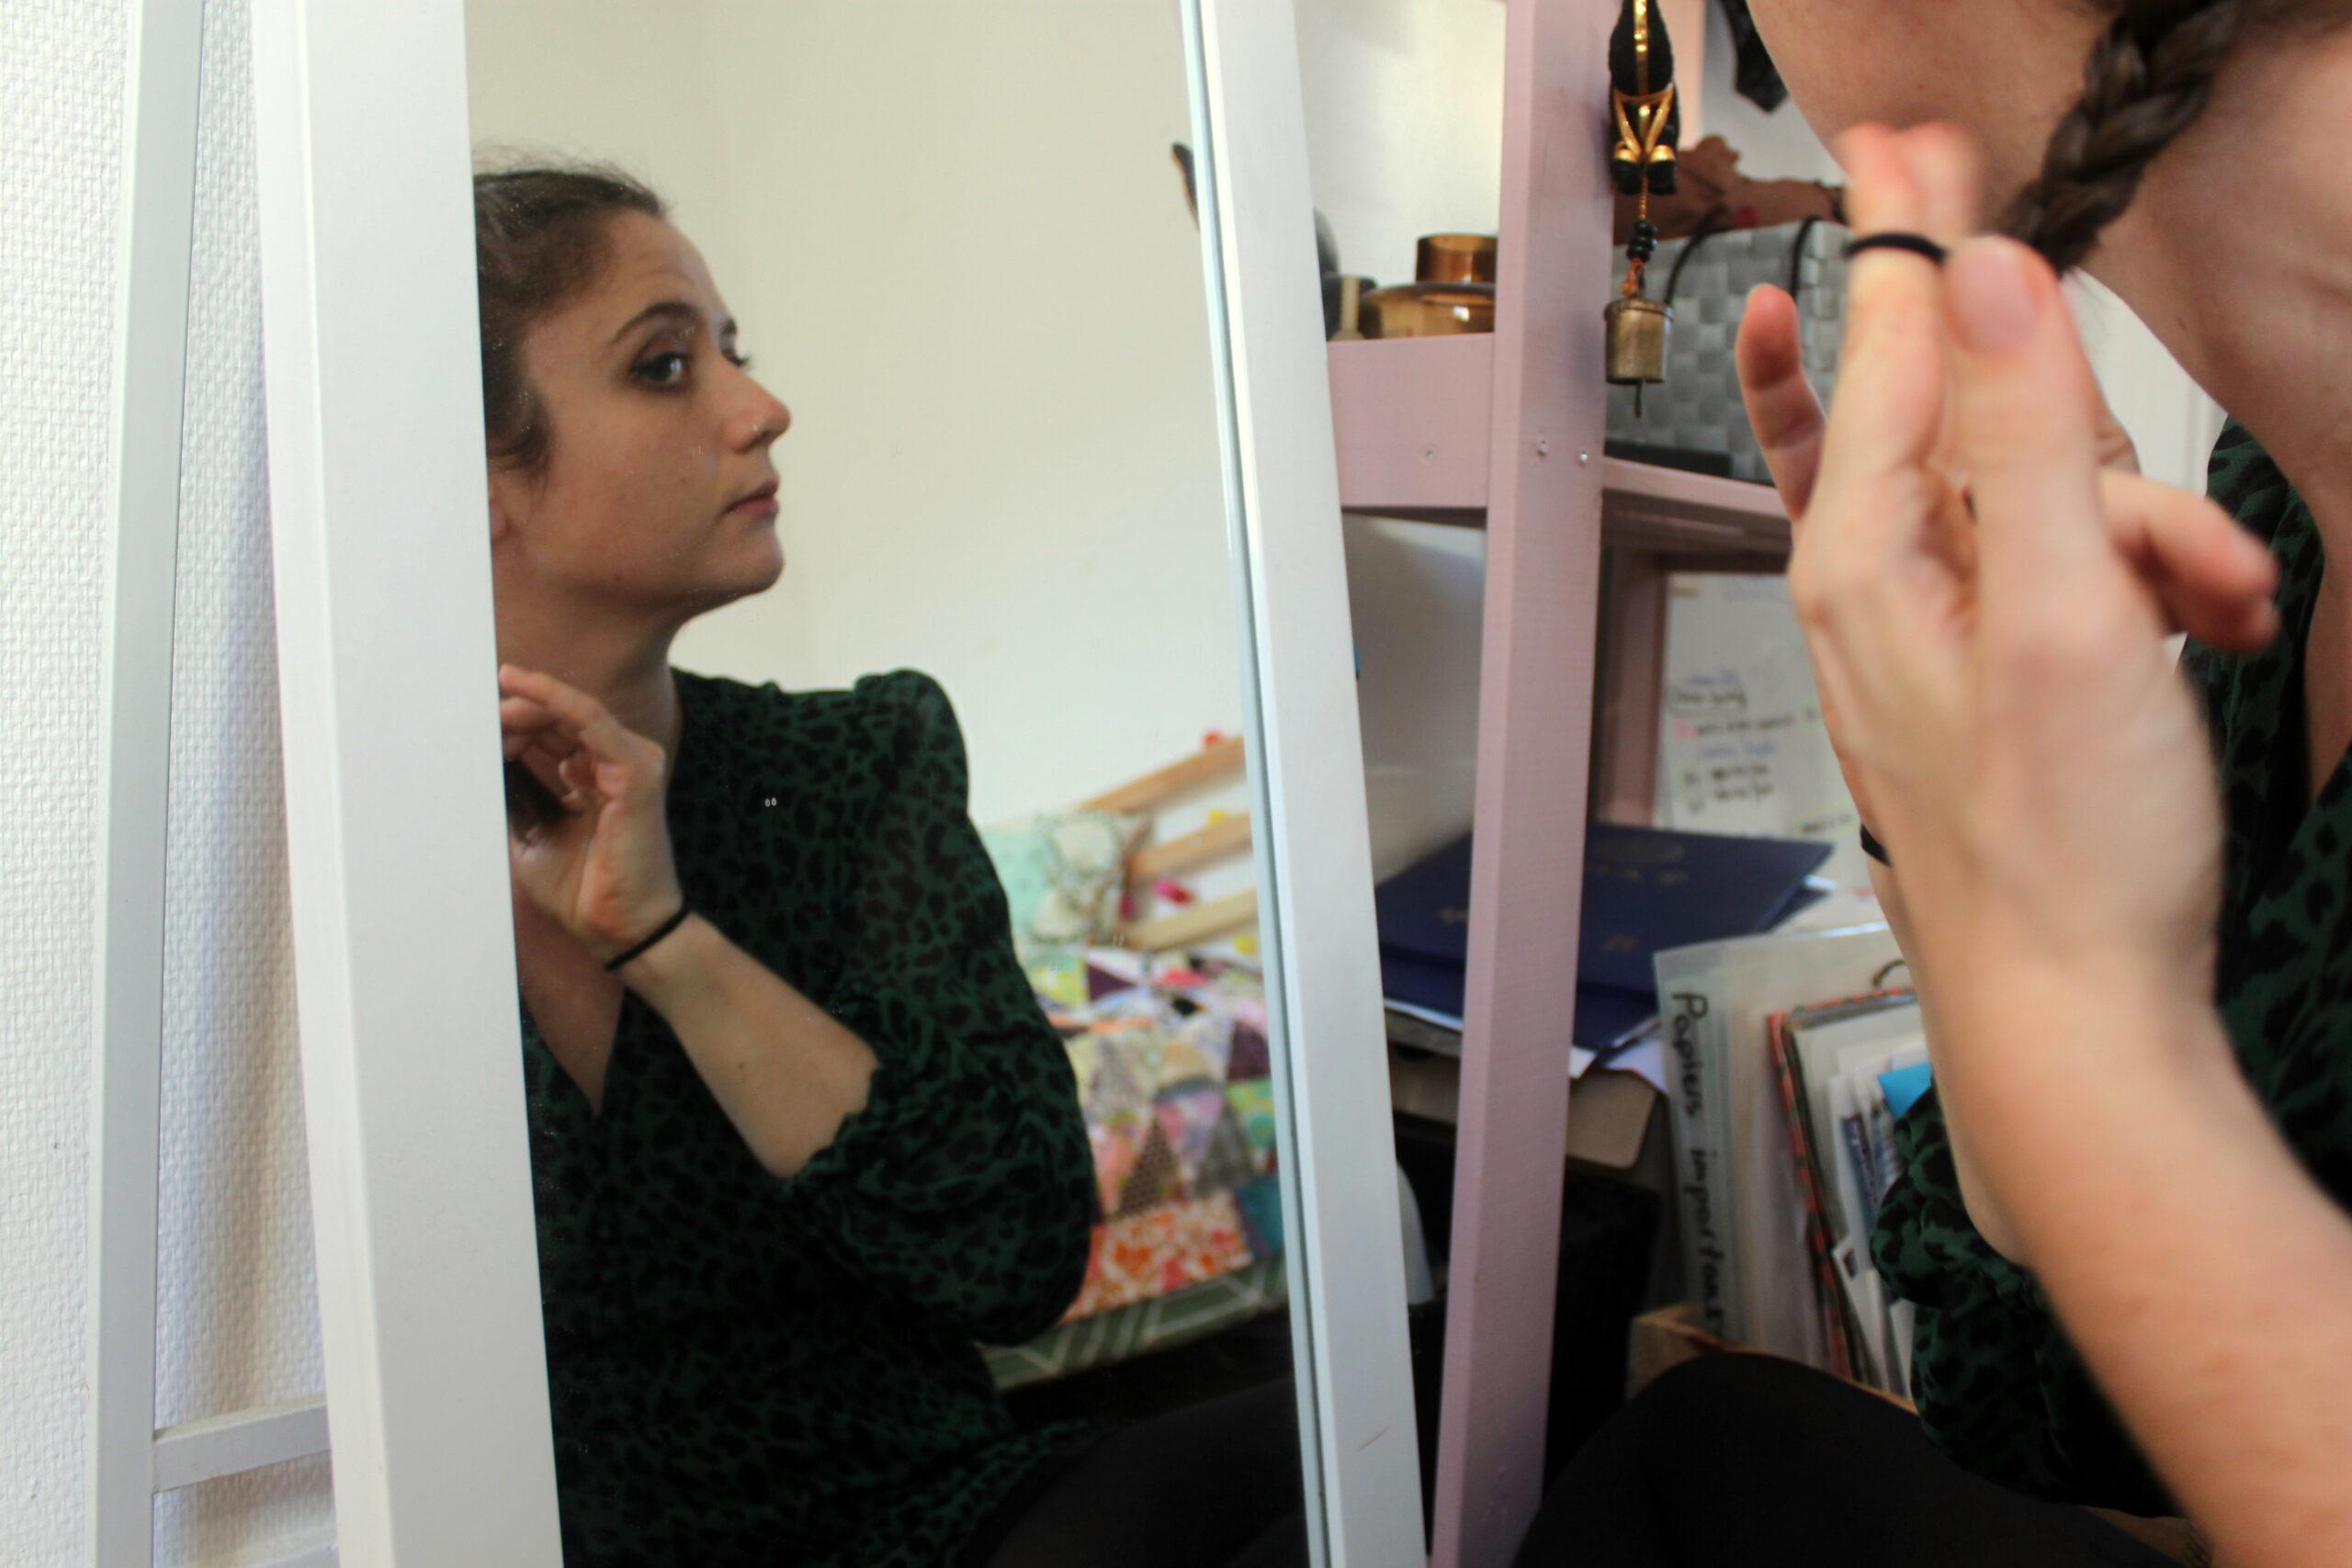 Nina se regarde dans le miroir pour se préparer. Elle se coiffe en se faisant des tresses.